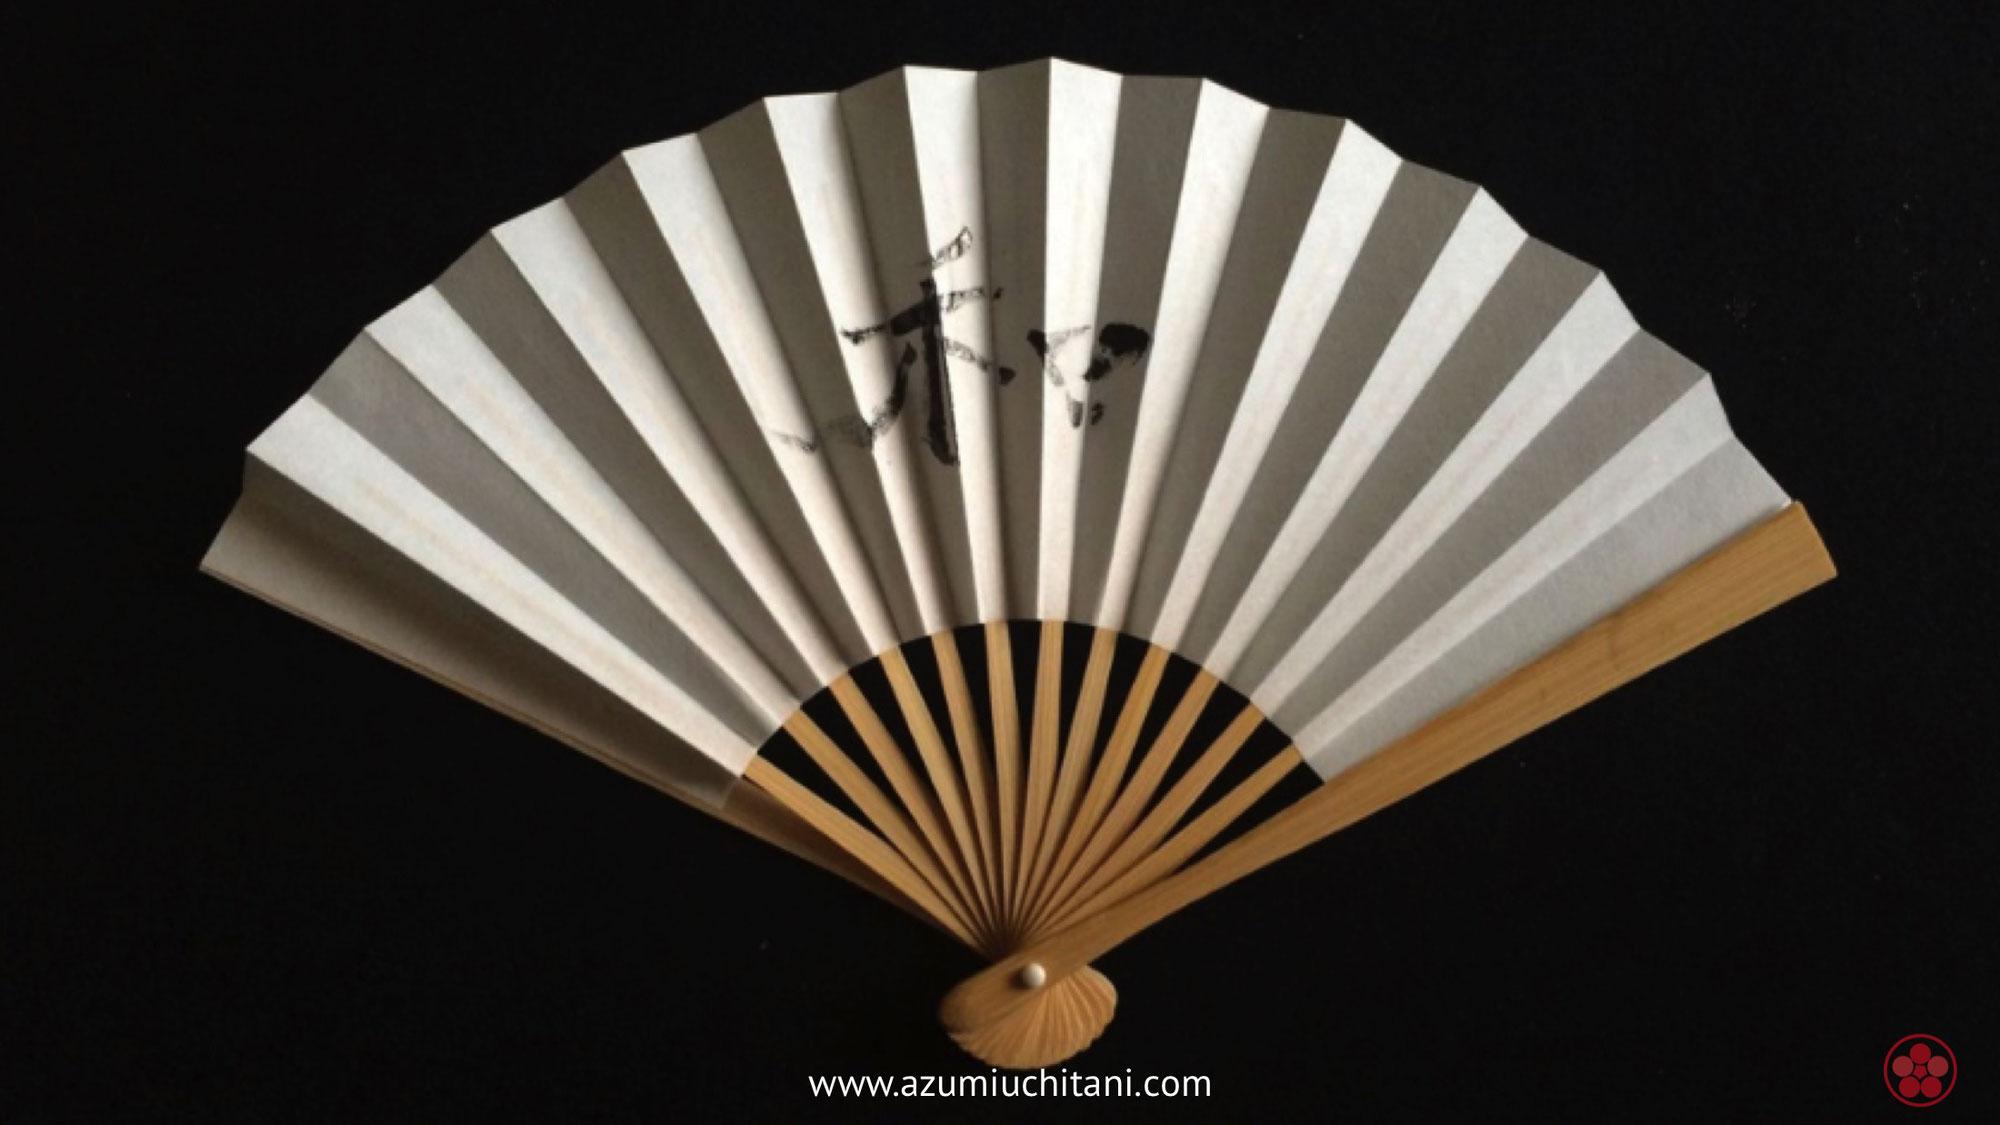 WA - the Japanese Art of Harmony